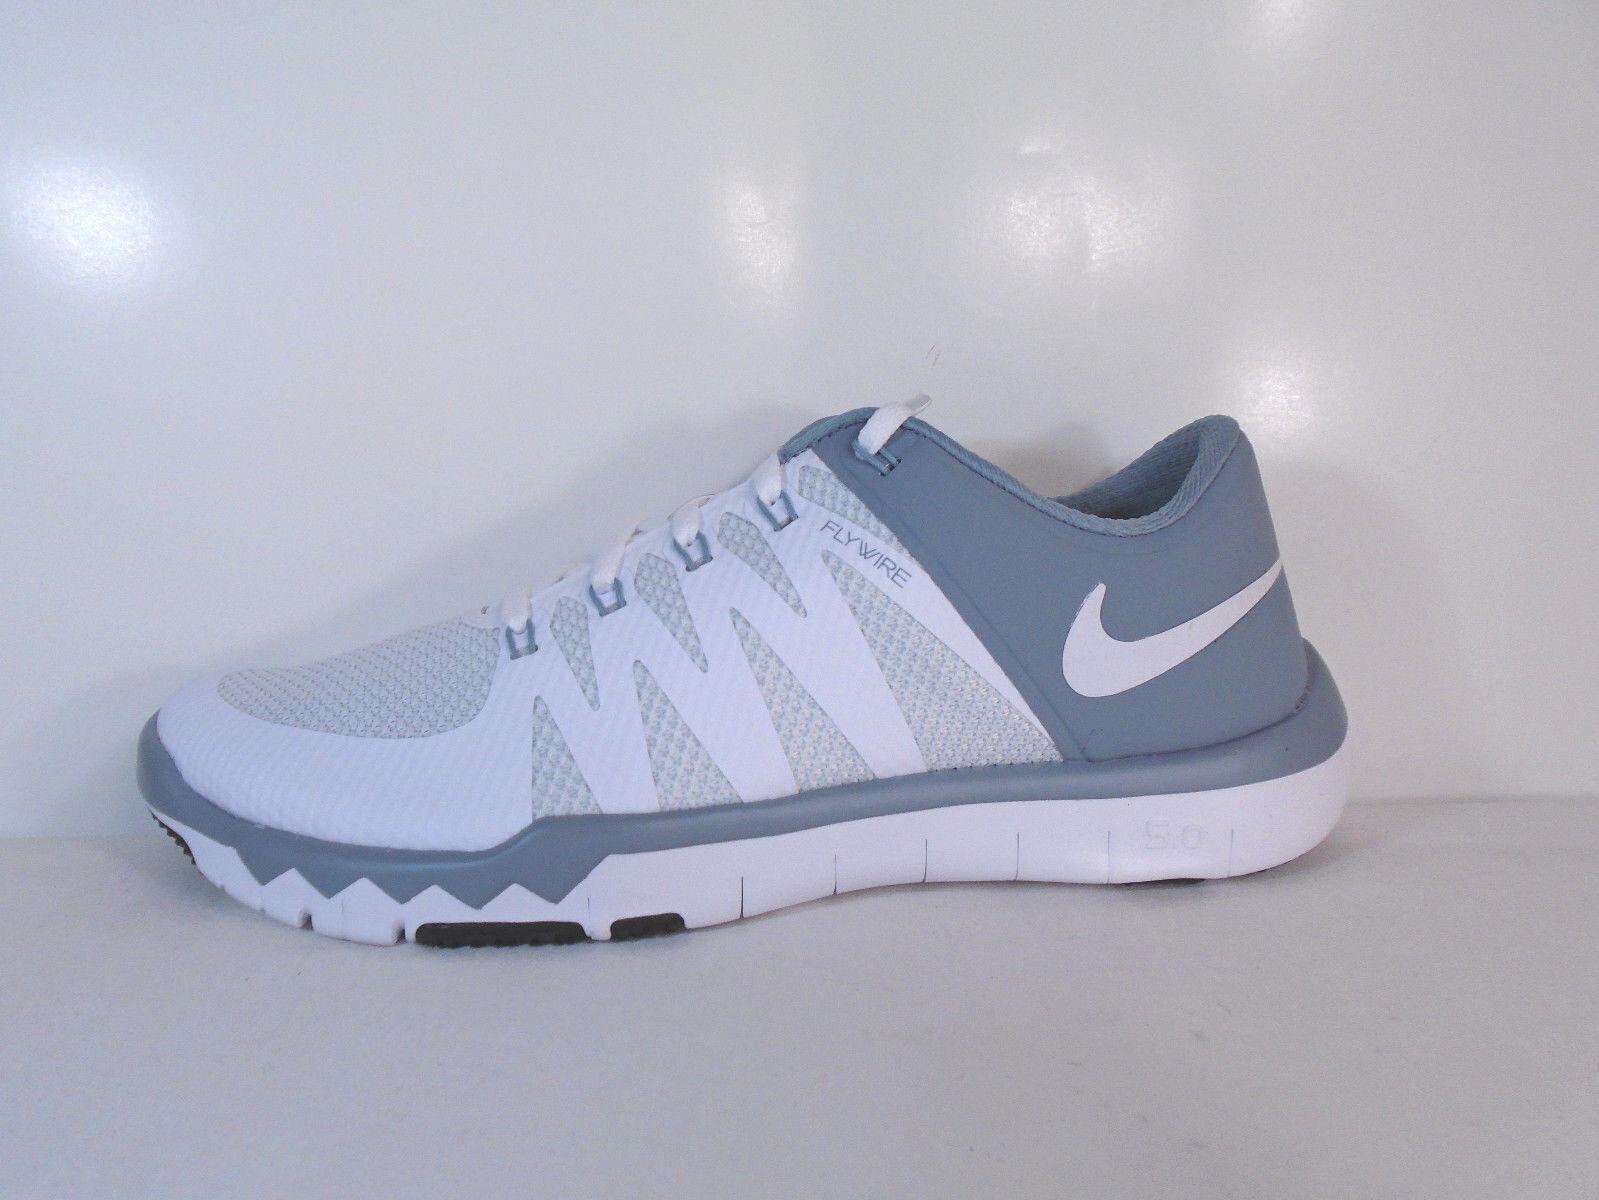 Nike Nike Nike Para Hombre Libre Trainer 5.0 V6 Blanco/dove Gris-platinum -719922 110-Running ff6a0b